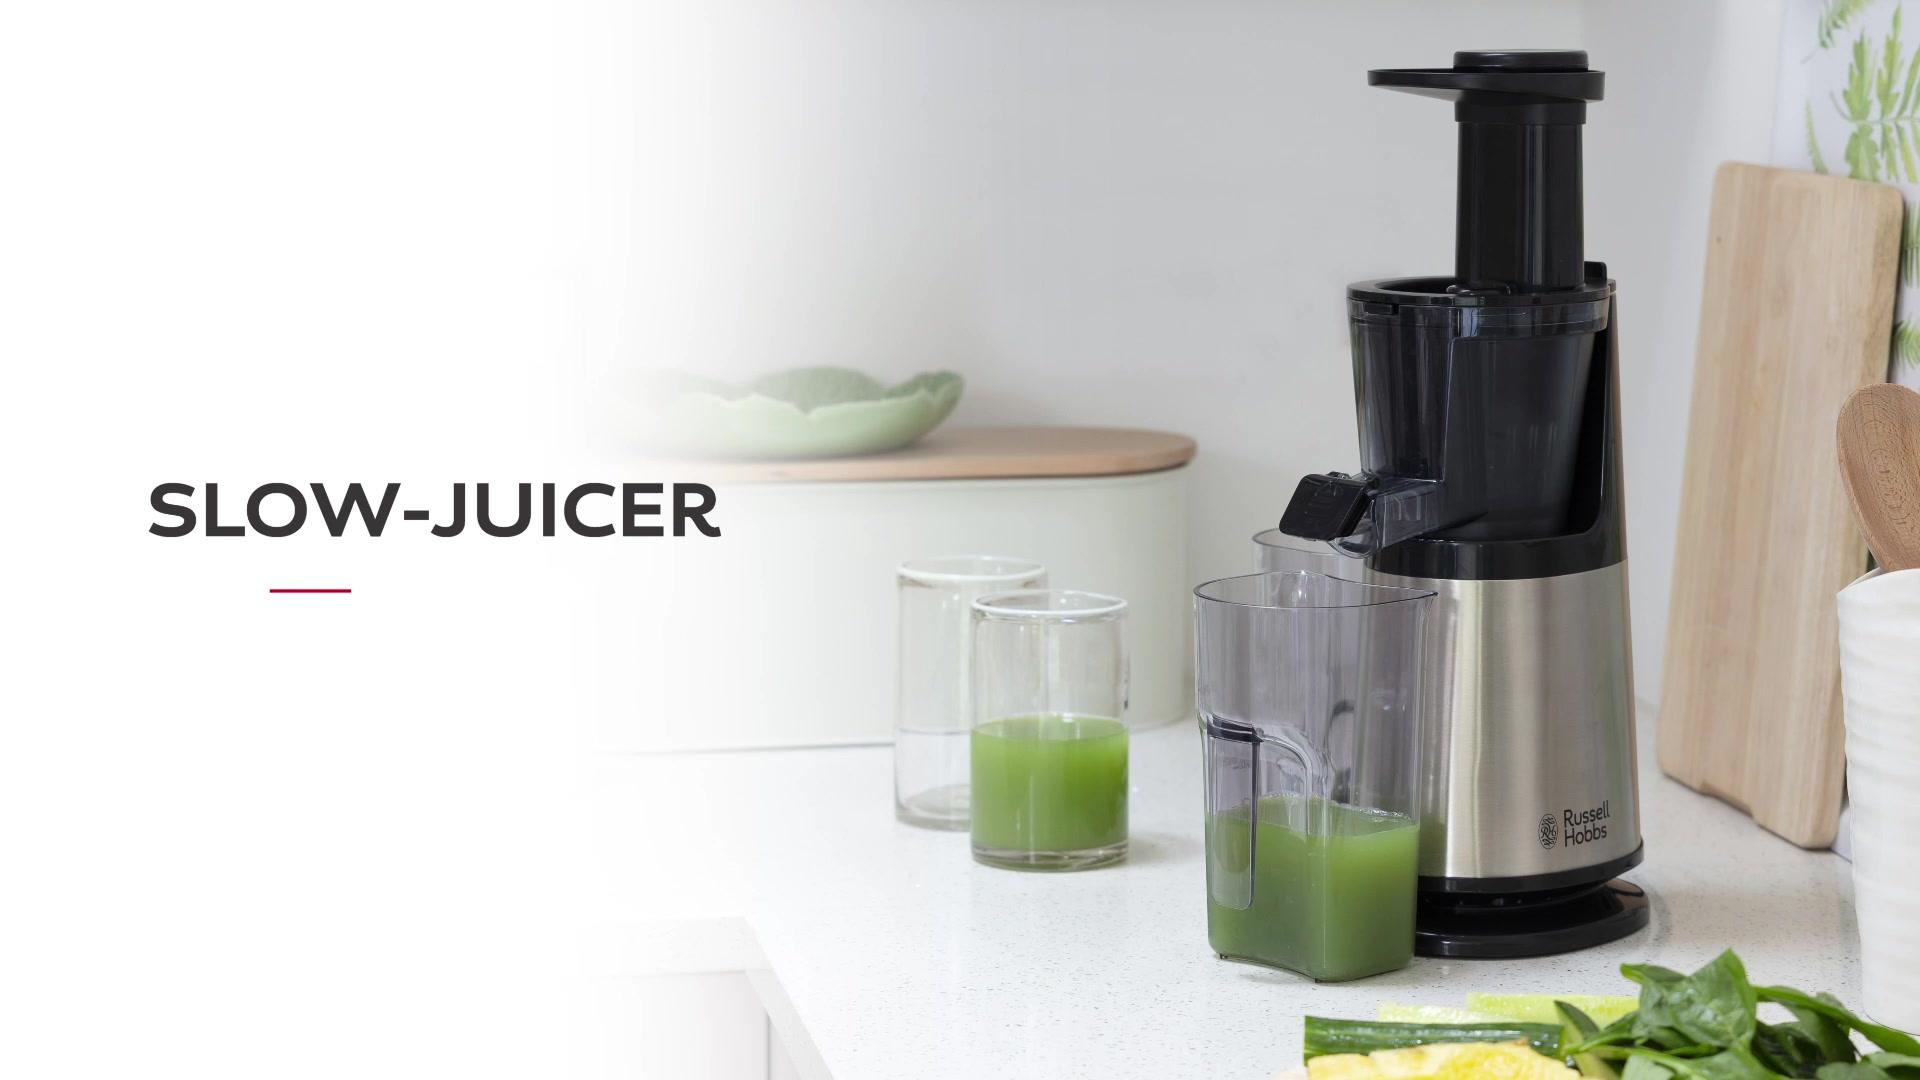 russell-hobbs-slow-juicer